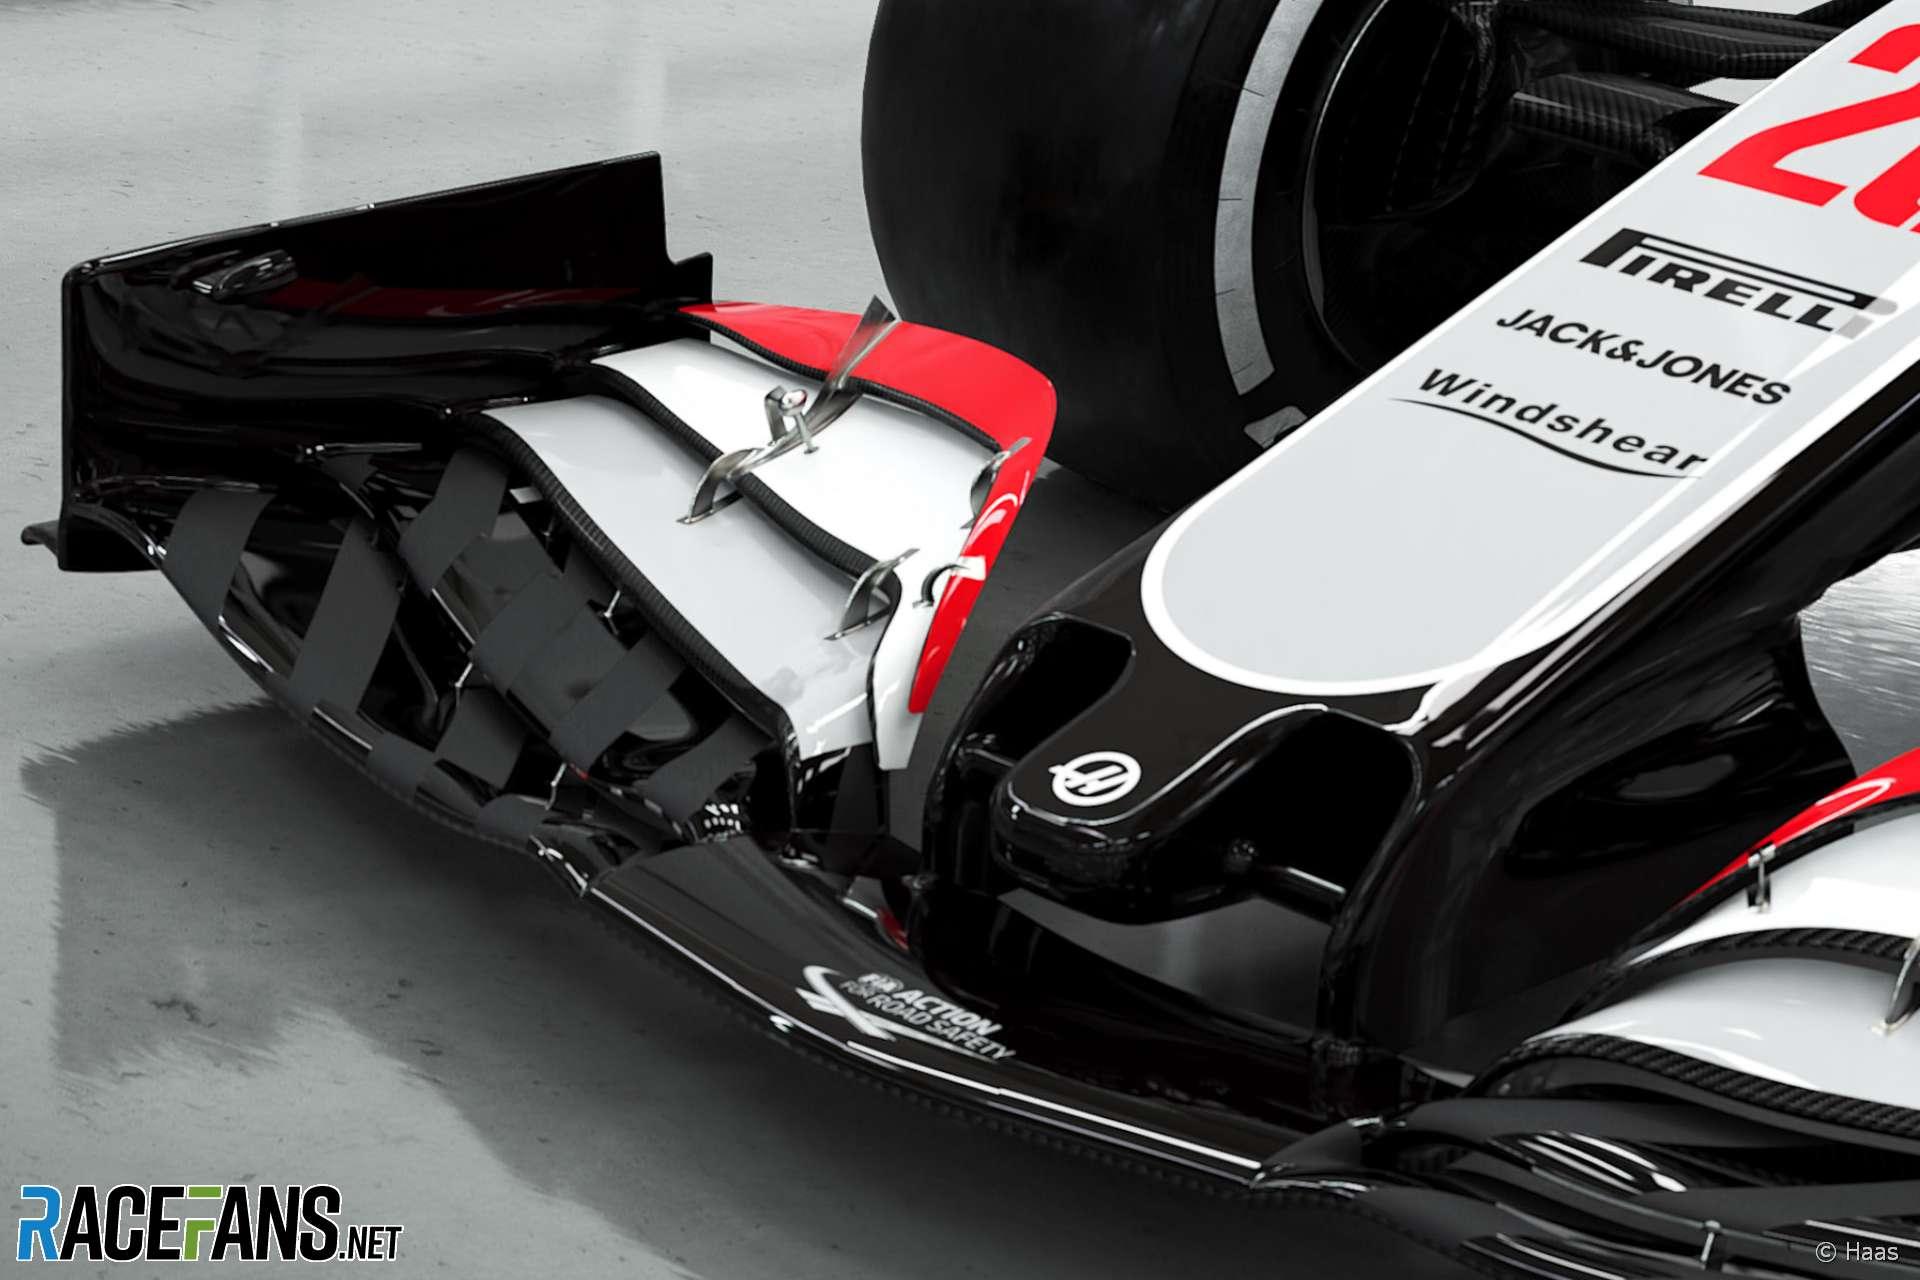 racefansdotnet-20200206-141734-1.jpg